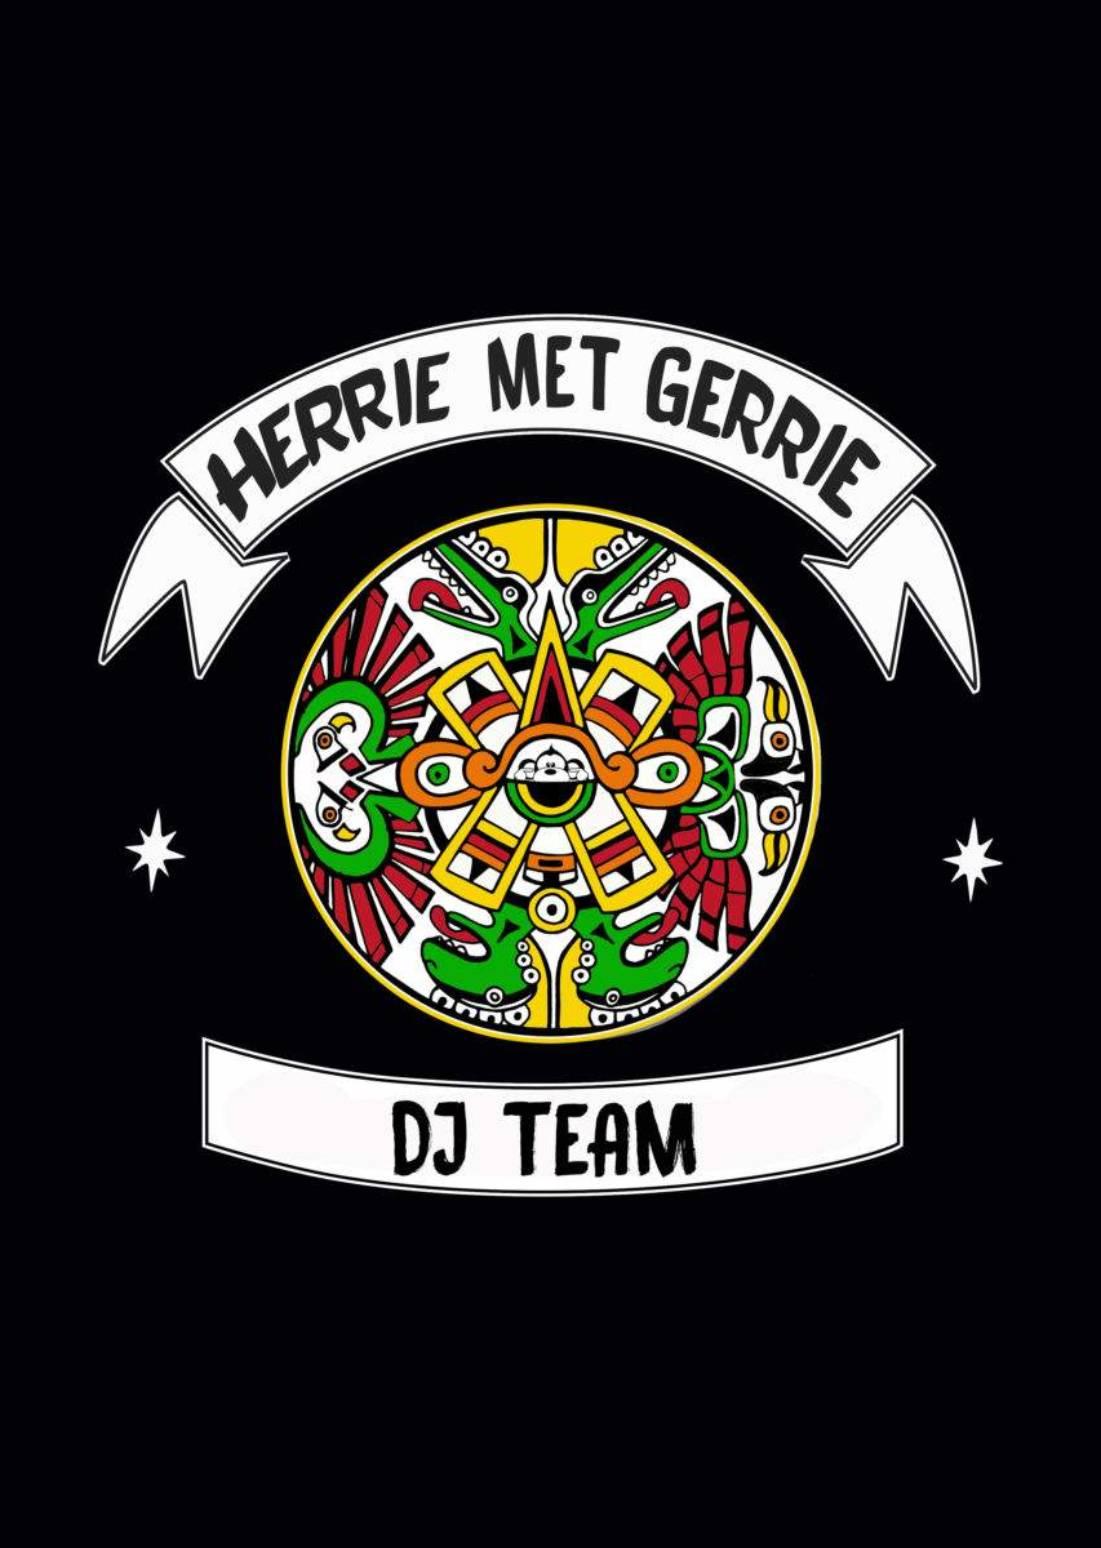 HERRIE MET GERRIE DJ TEAM | Smederijtuin